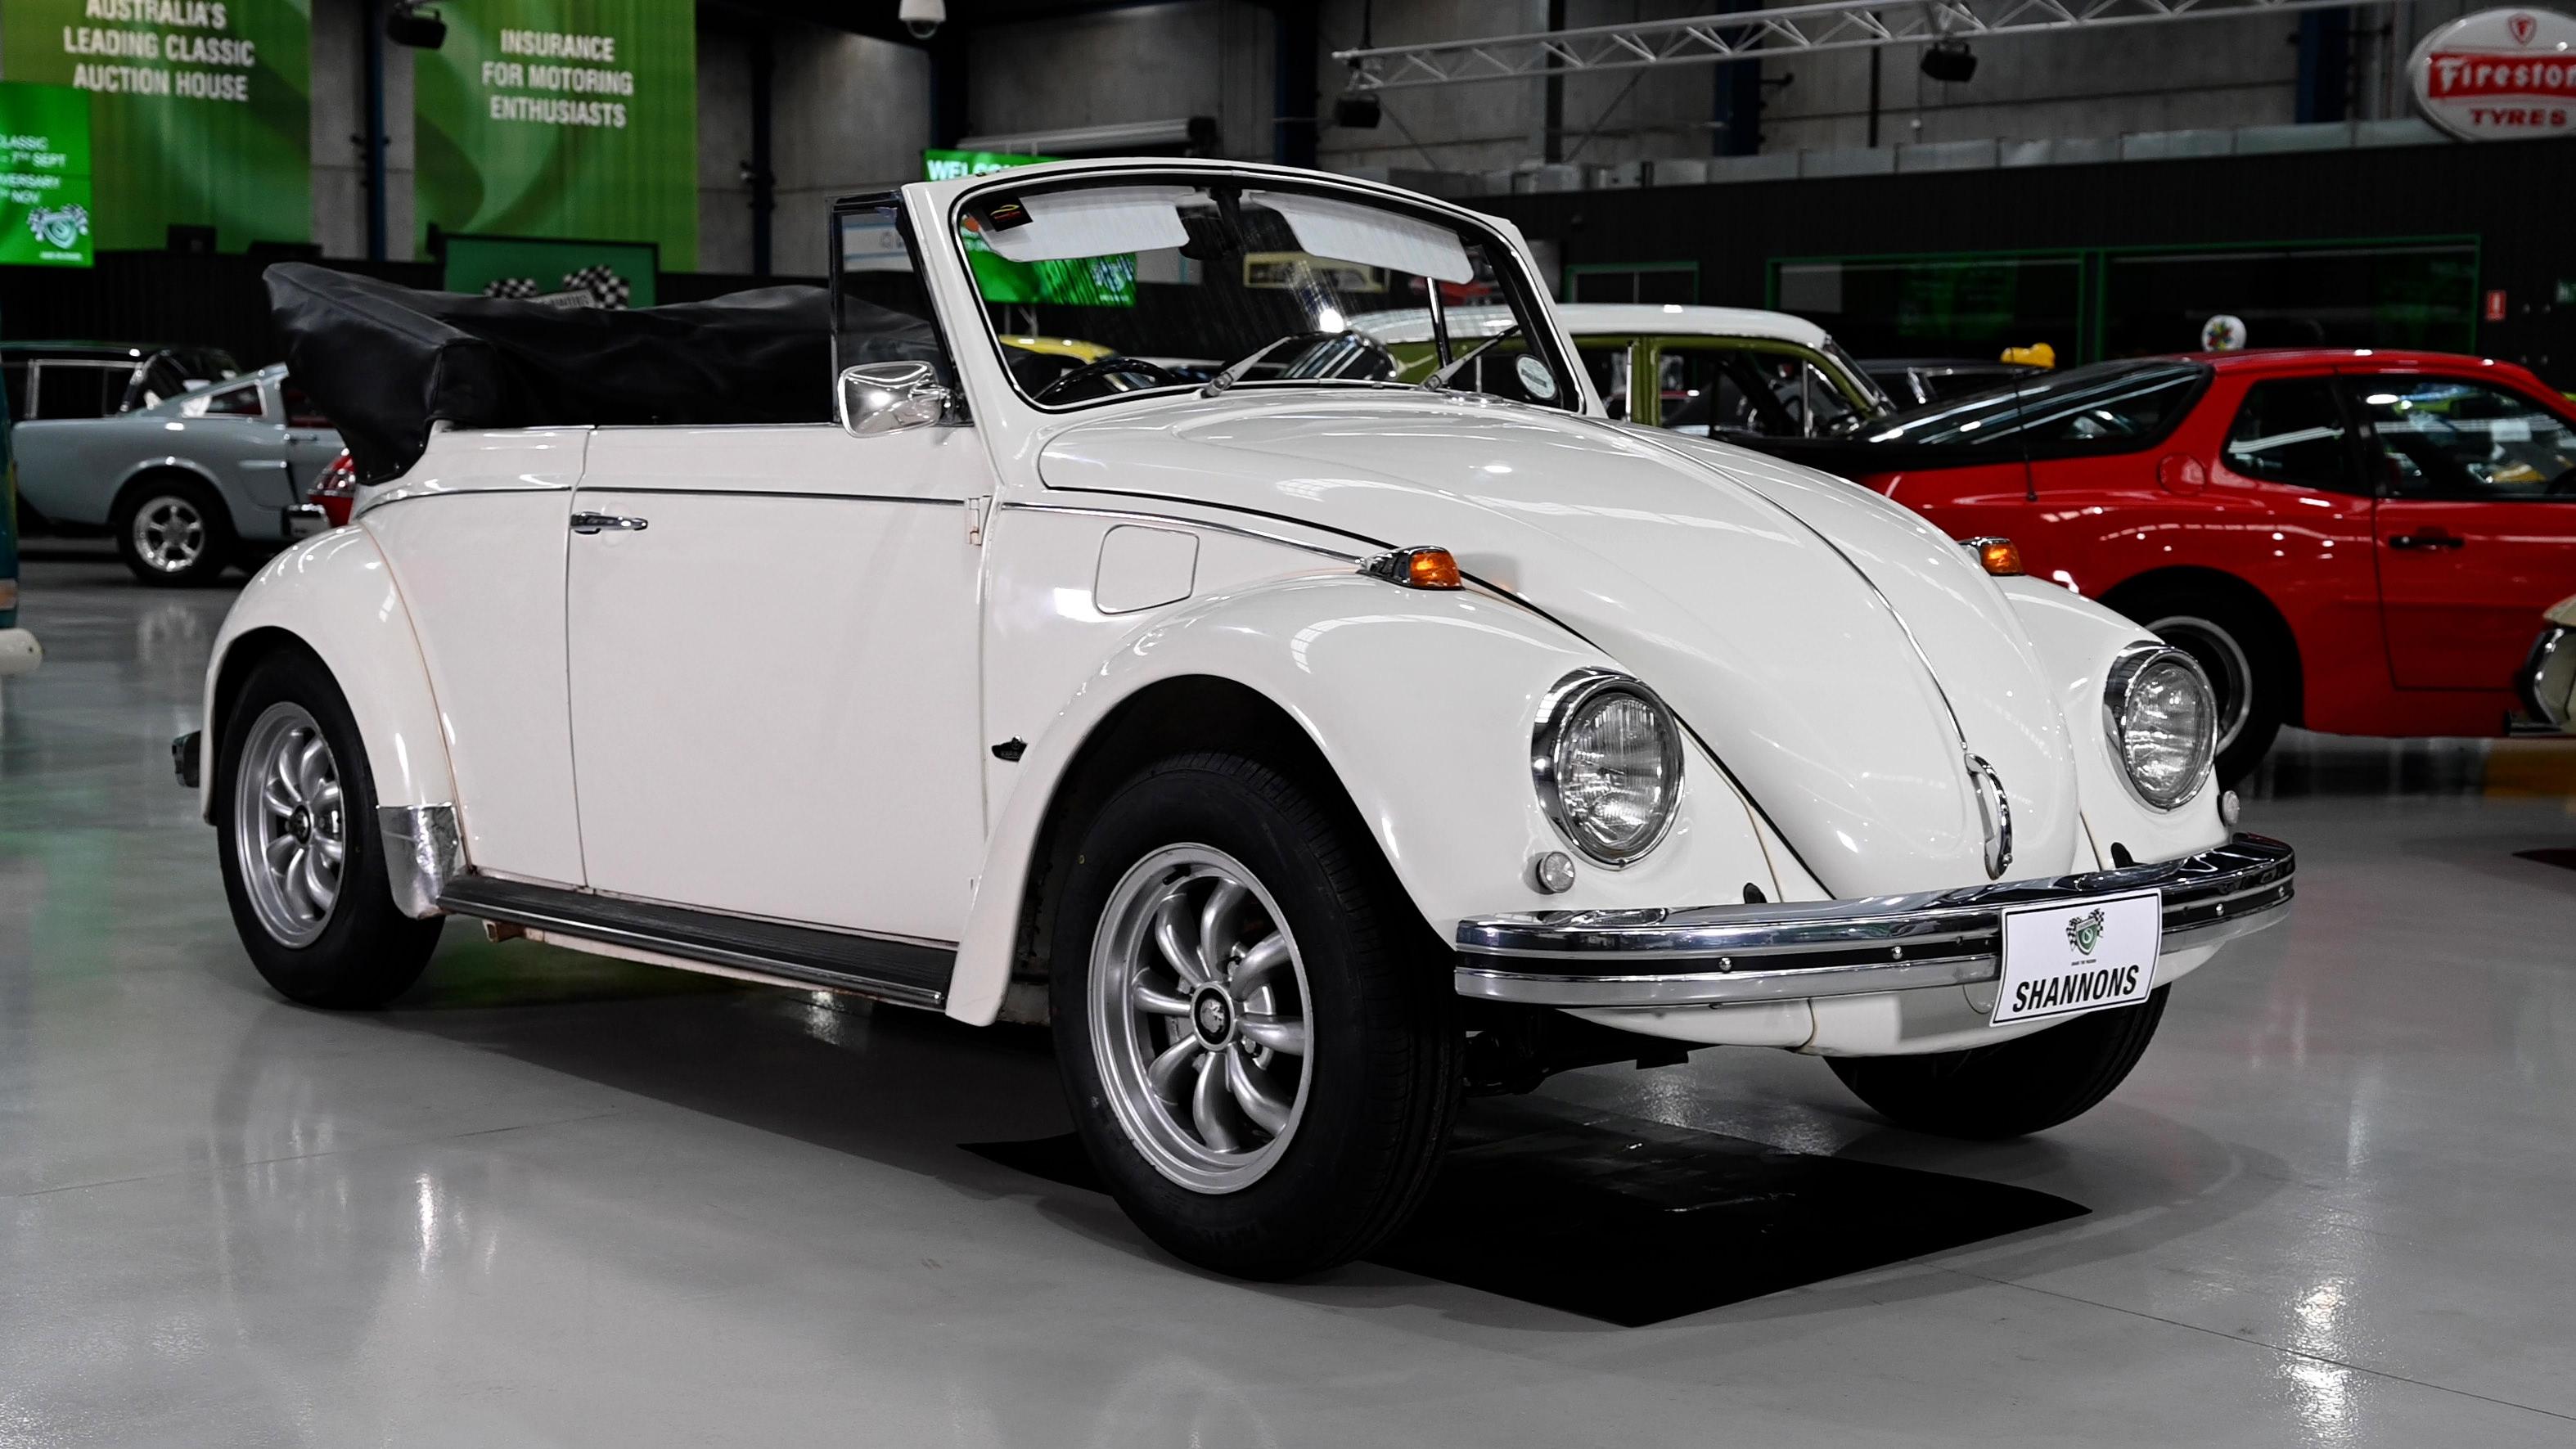 1970 Volkswagen Beetle 'Karmann' Cabriolet (RHD) - 2021 Shannons Spring Timed Online Auction